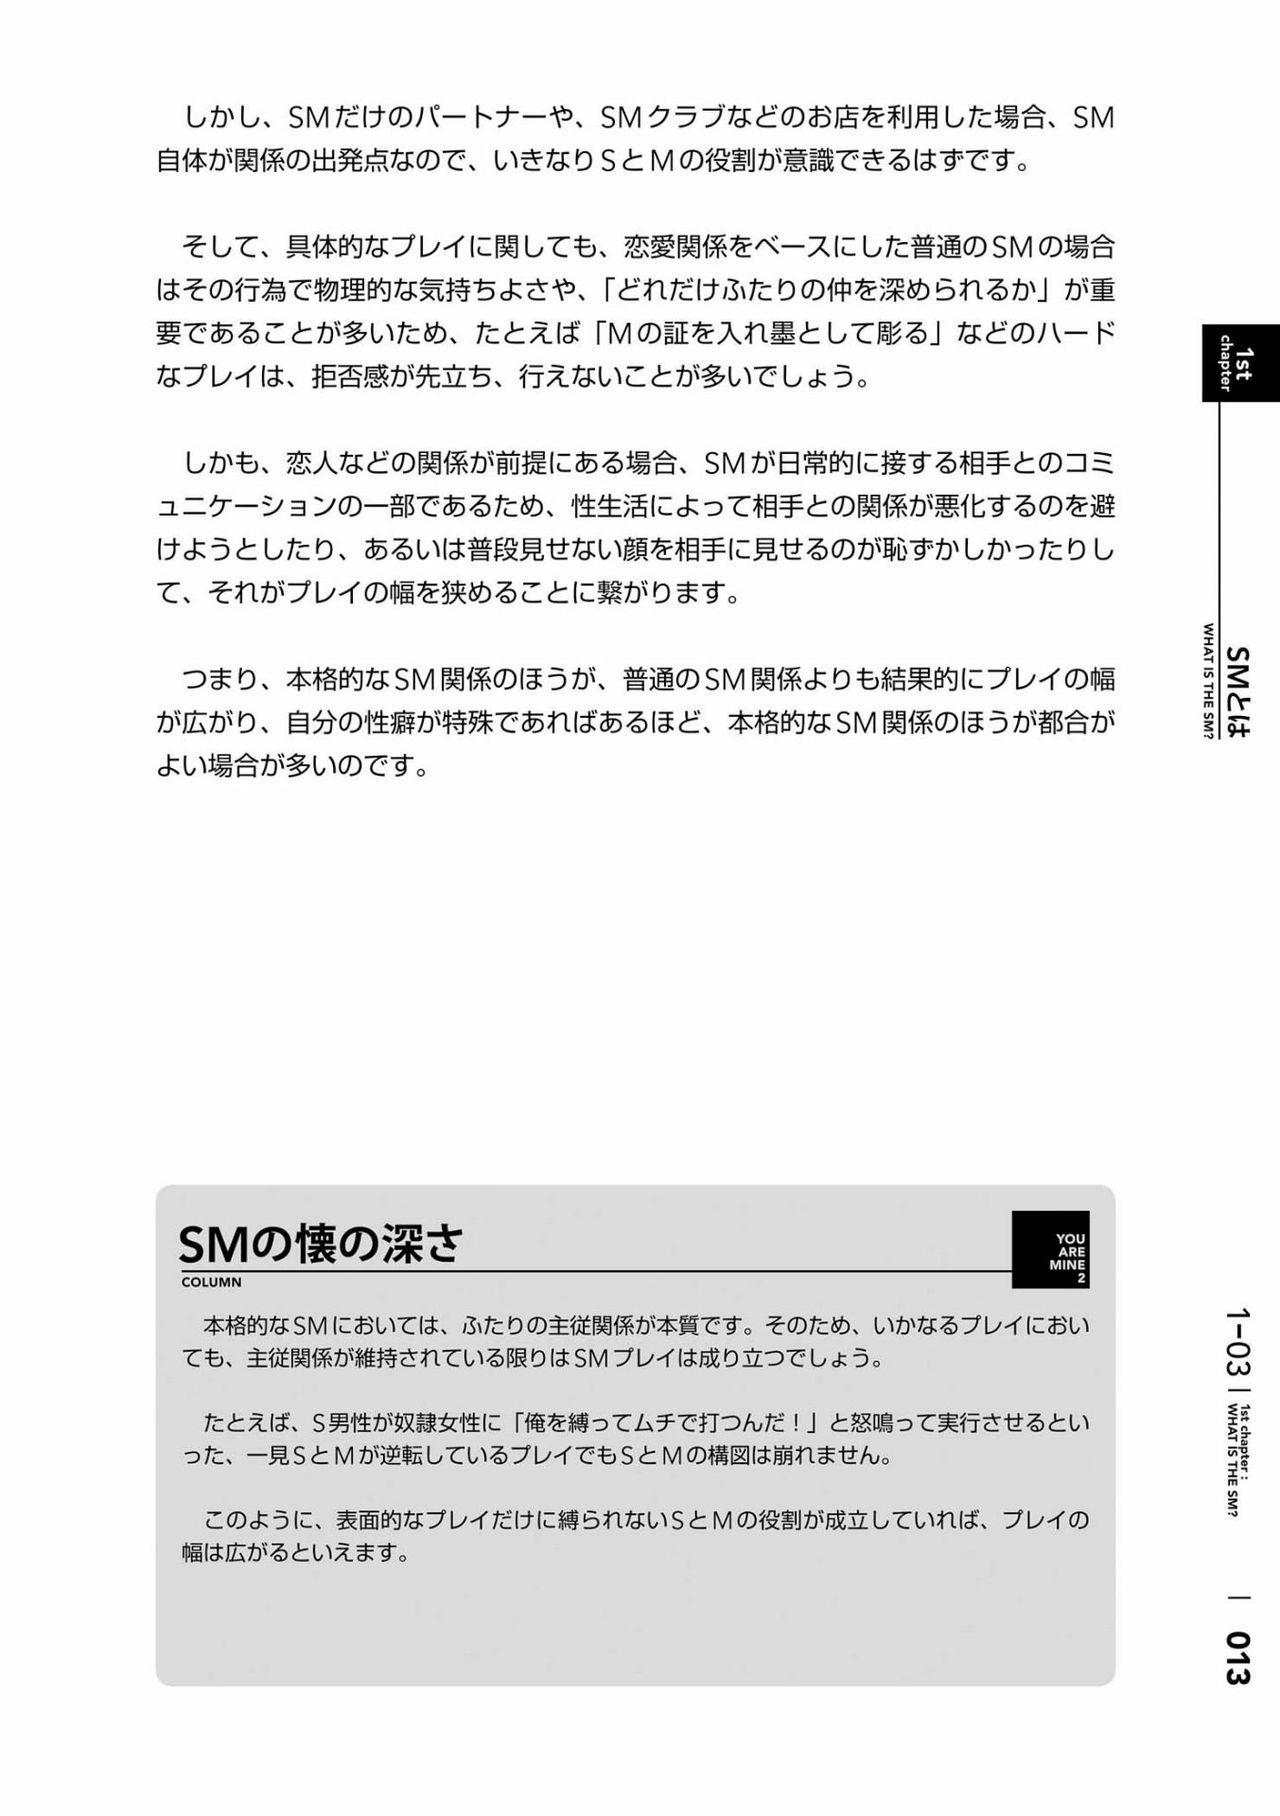 [Mitsuba] Karada mo Kokoro mo Boku no Mono ~Hajimete no SM Guide~ 2 [Digital] 15